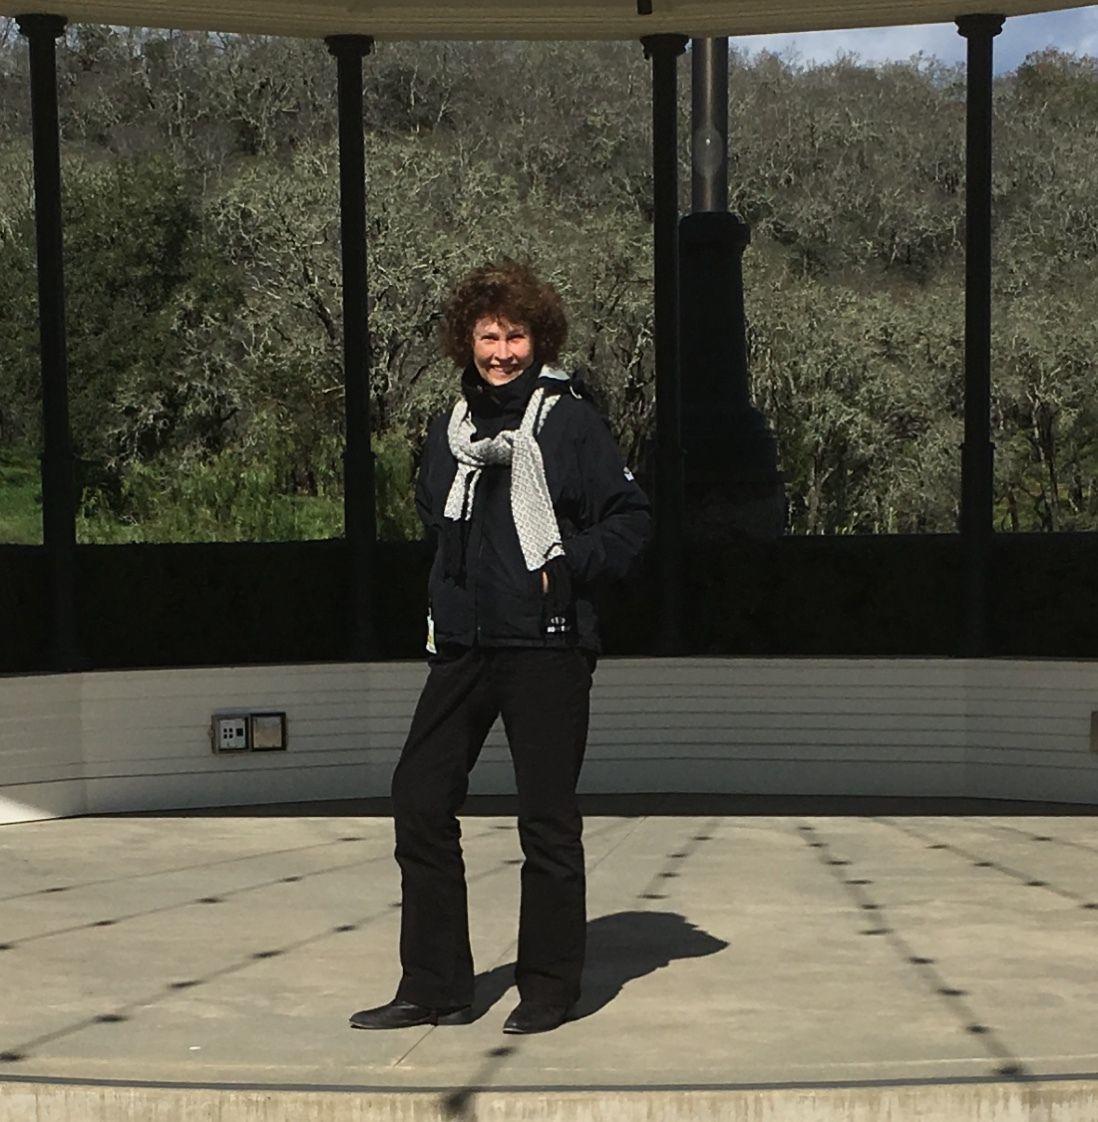 lecco latino personals Salernosposait 3,249 likes 1 talking about this salerno sposa è il sito web nato appositamente per tutta la provincia di salerno il suo servizio.